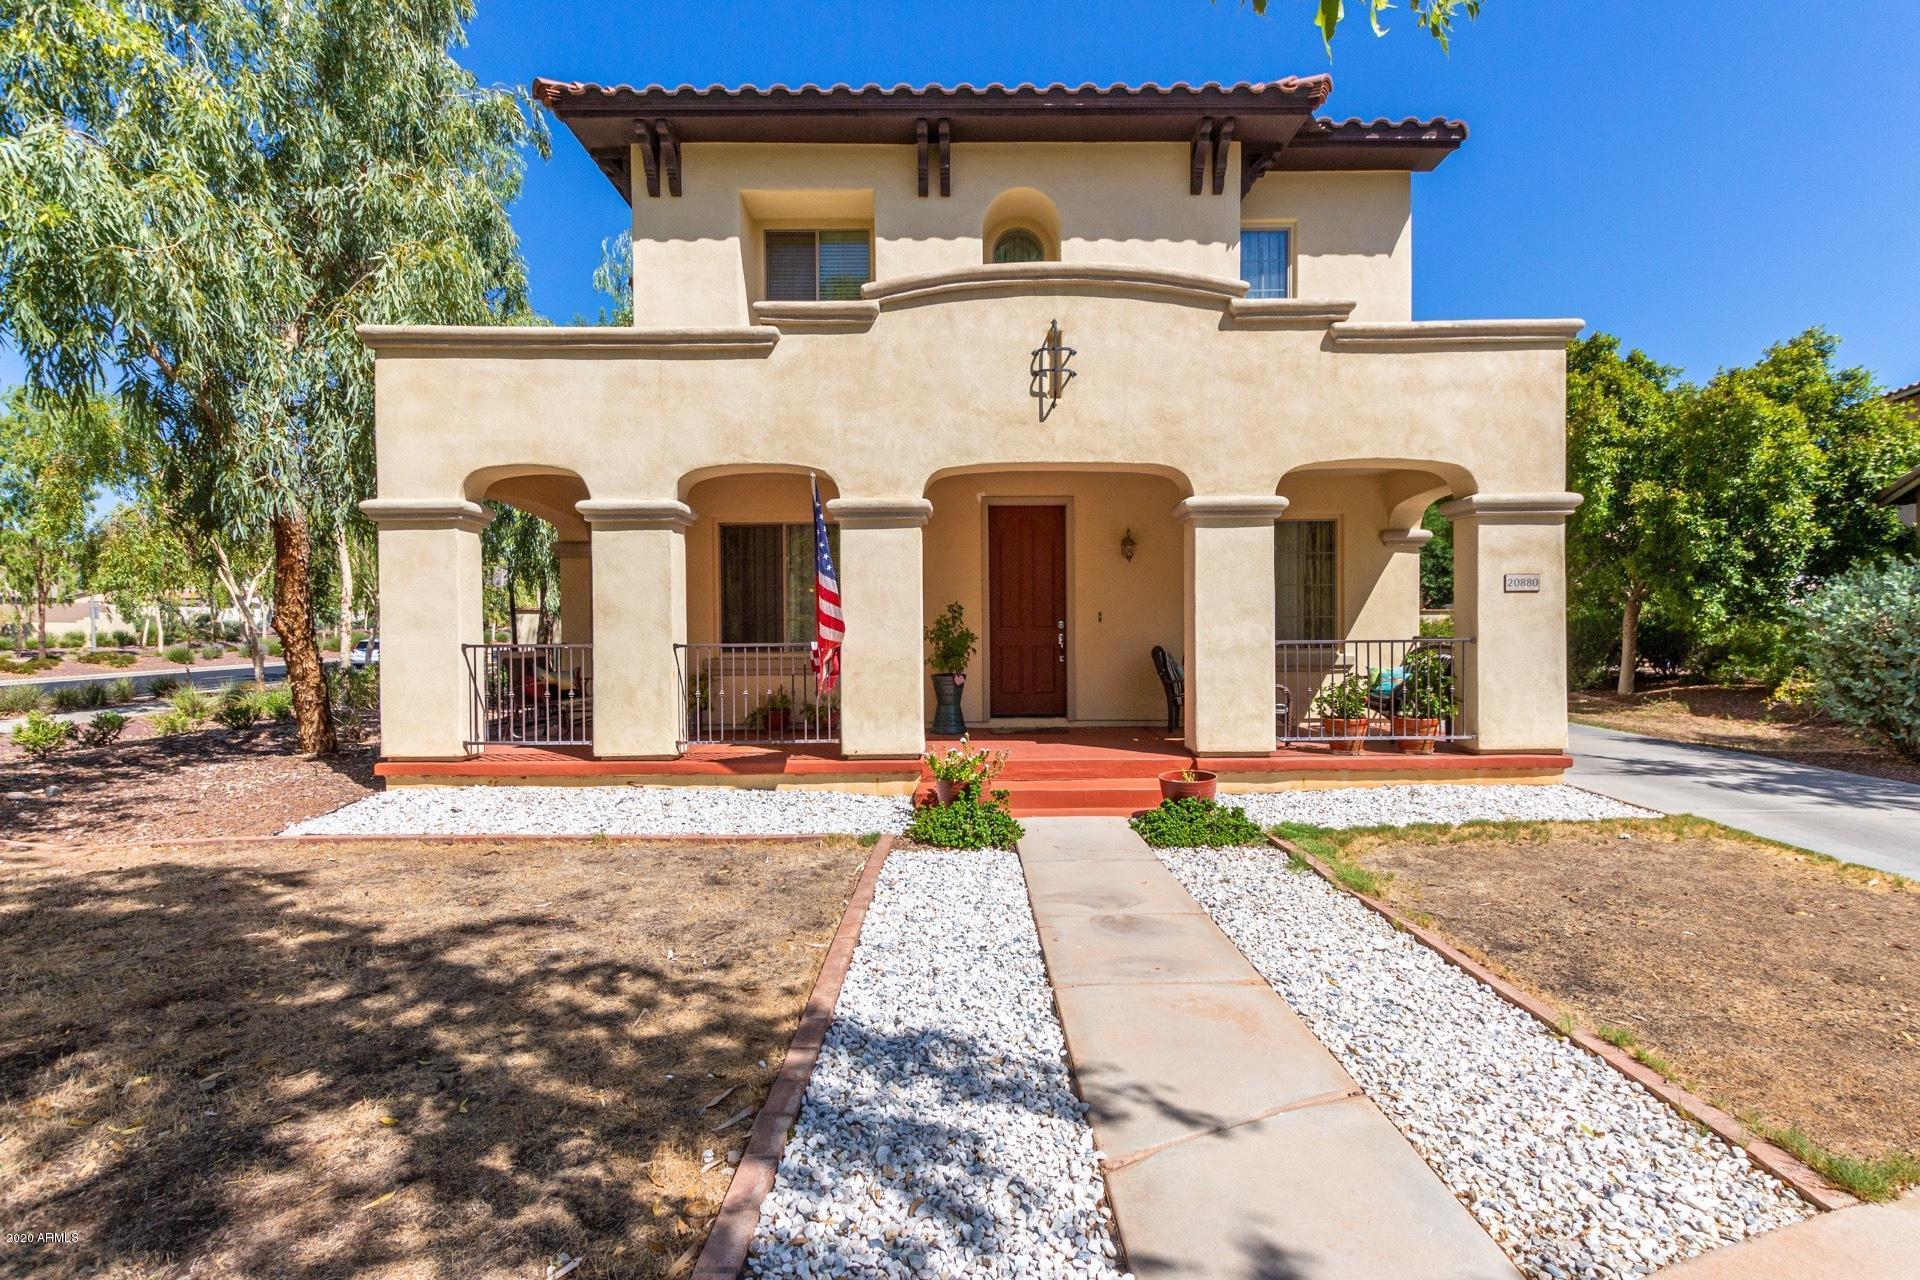 20880 W WYCLIFF Court, Buckeye, AZ 85396